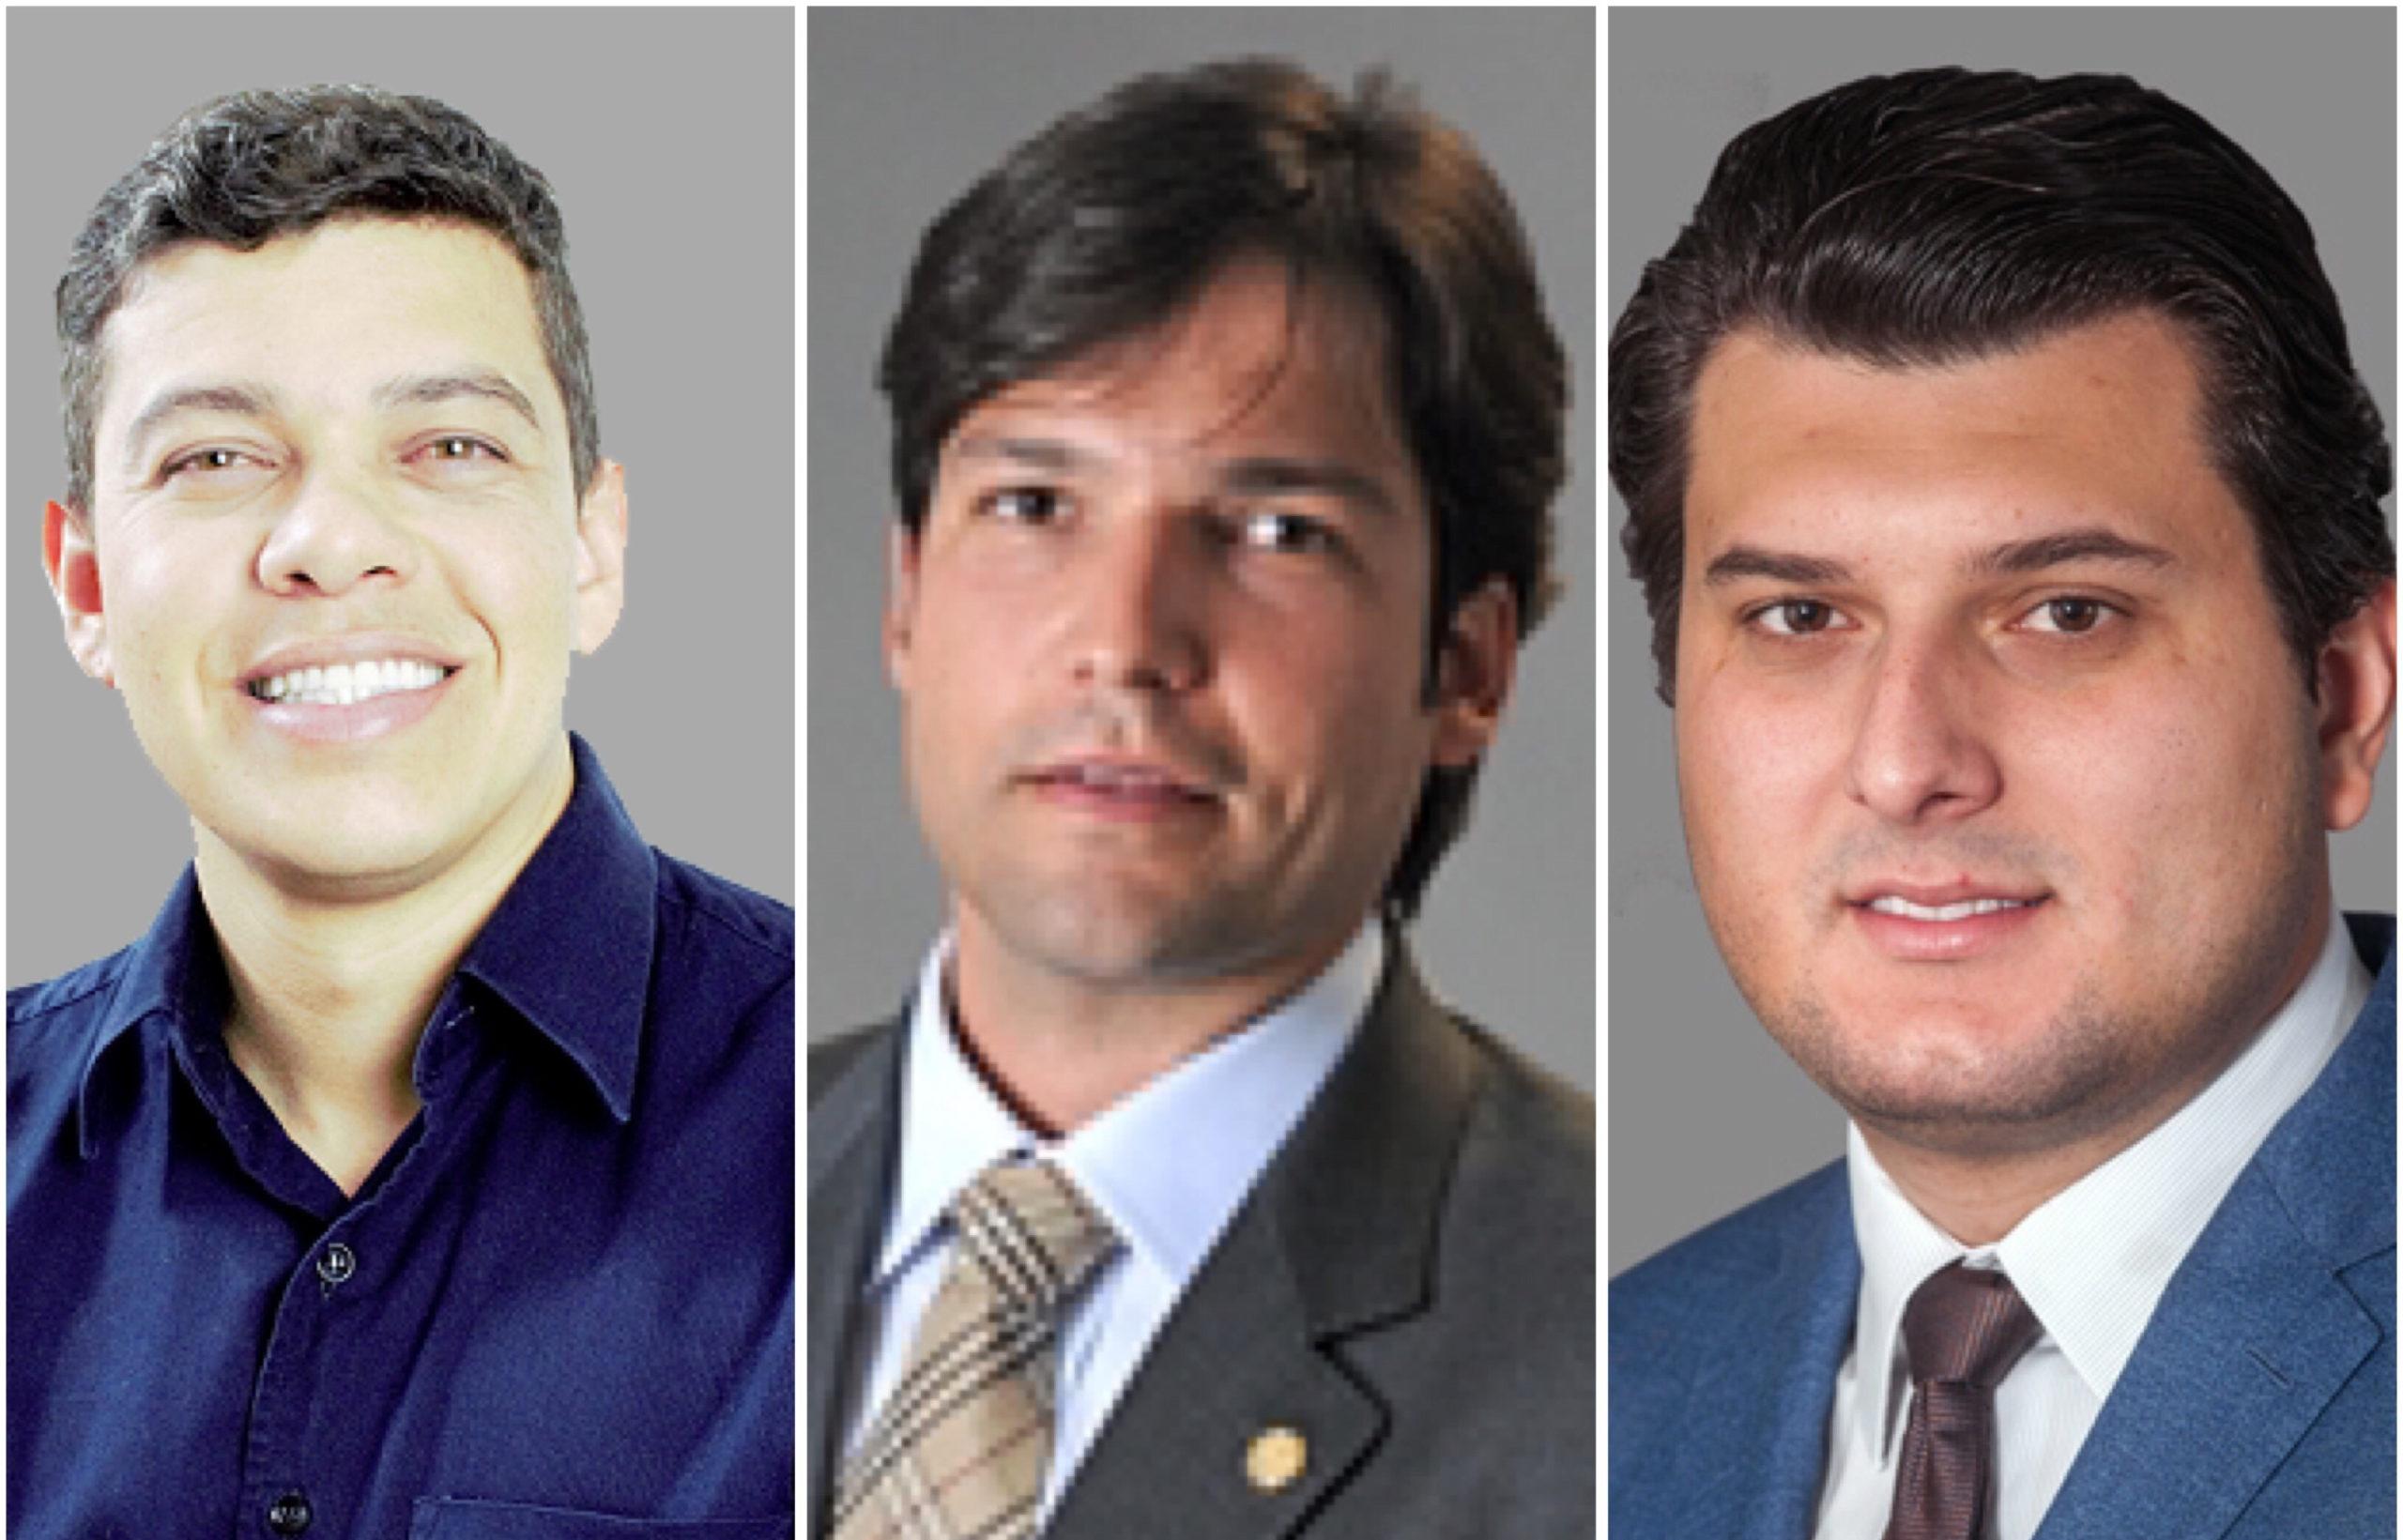 Enquete do Expressão aponta que os distritais Daniel Donizet, Robério Negreiros e Eduardo Pedrosa serão os destaques da CLDF nos próximos 4 anos